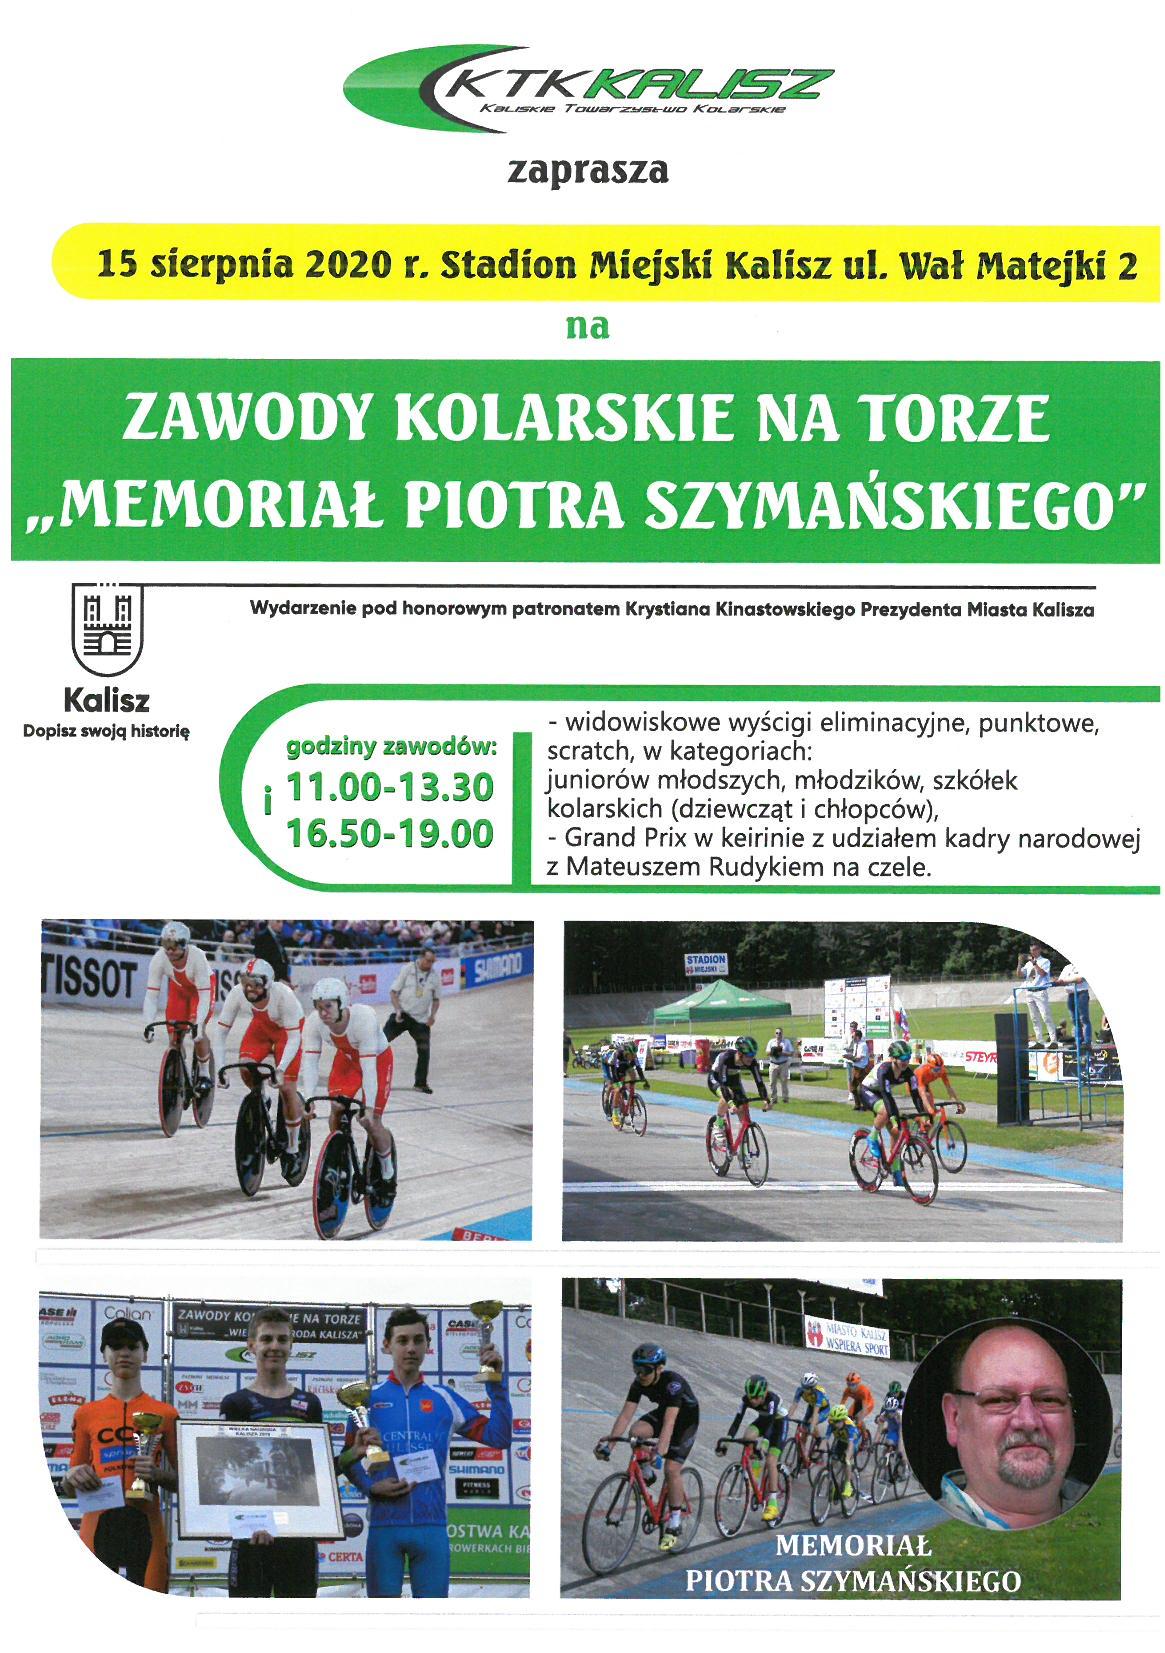 """s28bw 5e20081314470 0001 - Zawody Kolarskie na Torze """"Memoriał Piotra Szymańskiego"""" - 15 sierpnia 2020 r."""